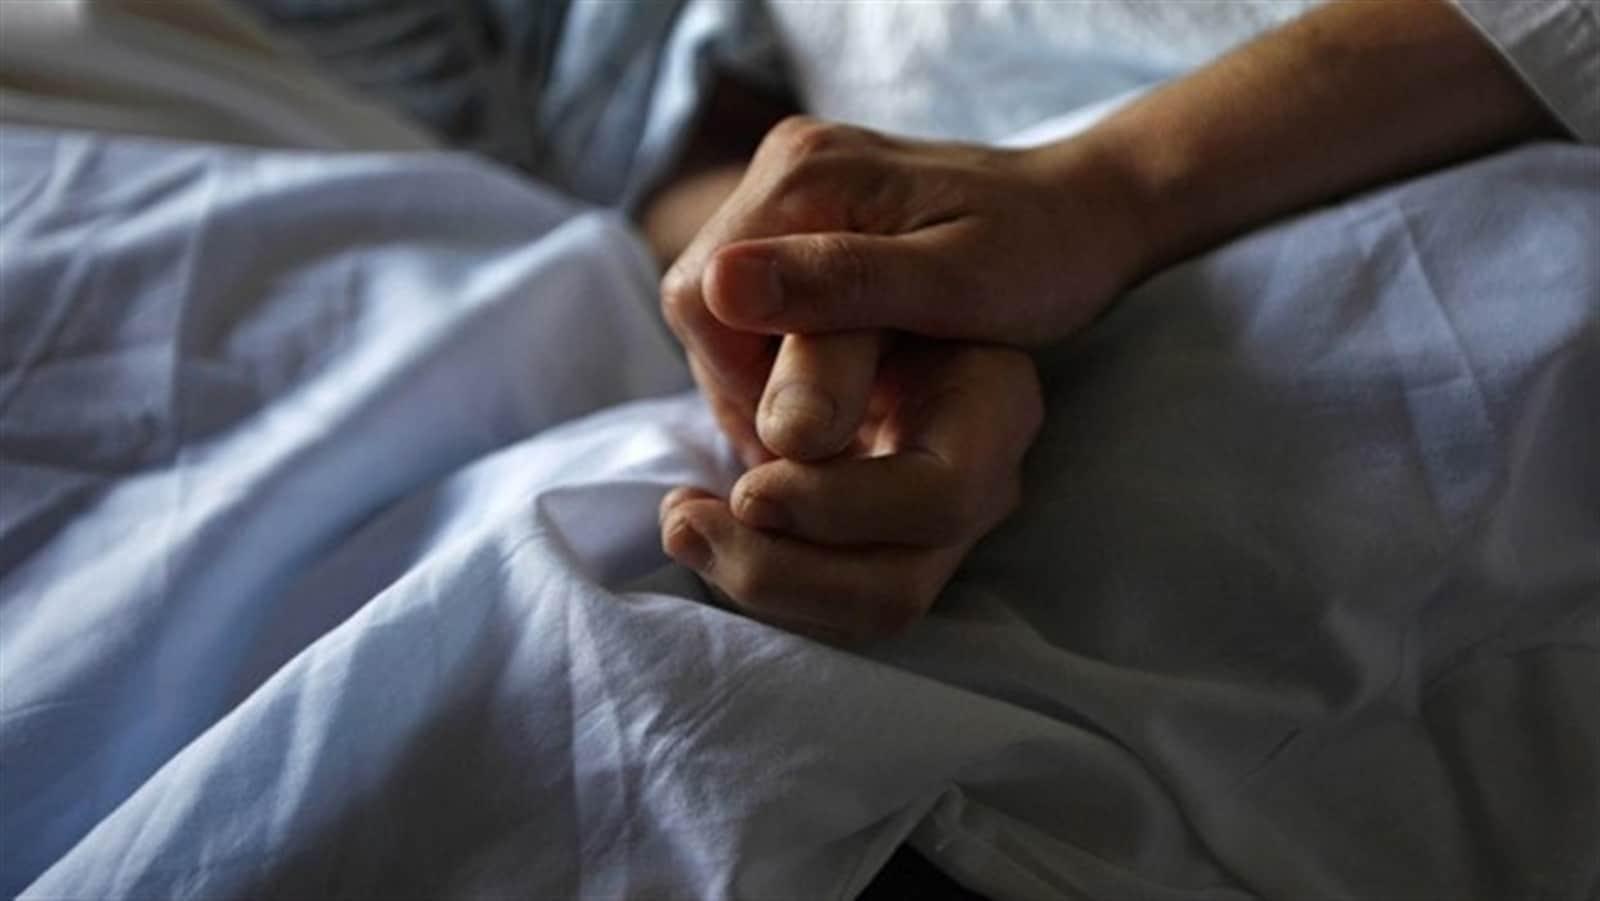 L'aide médicale à mourir suscite de nombreux débats au Canada.